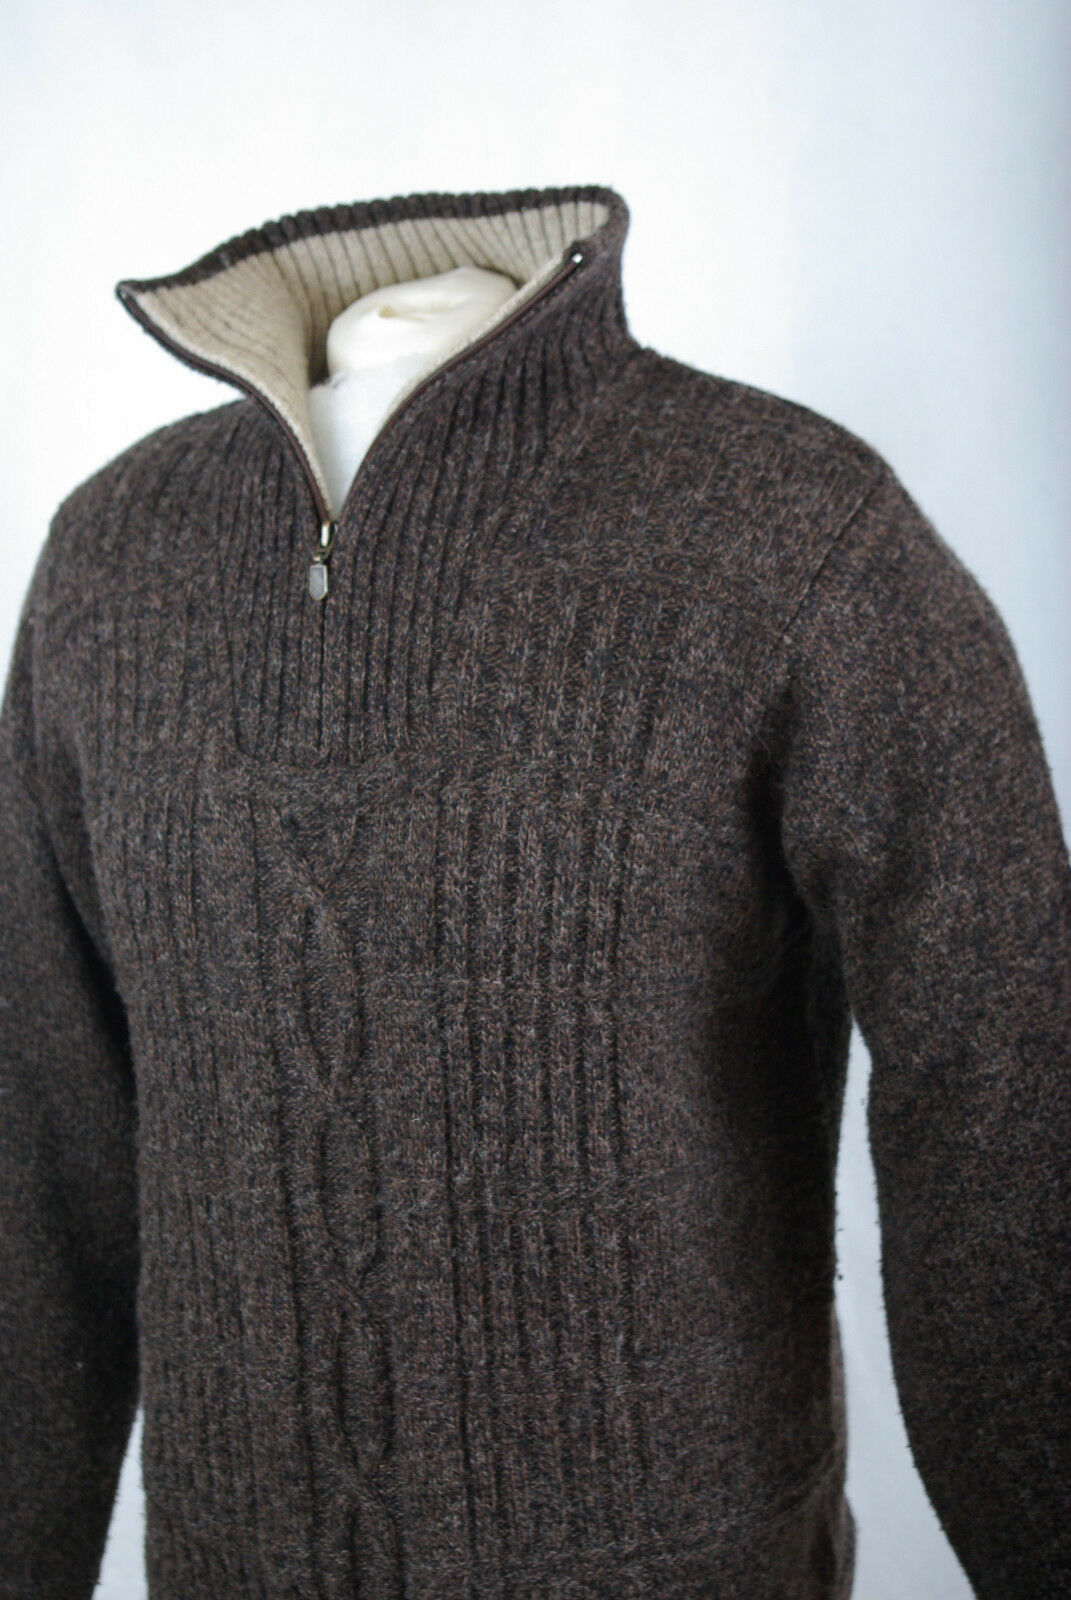 P454/11 foncé mélangée laine mélangée foncé marron Chunky Cable Knit Pull, S cab69b